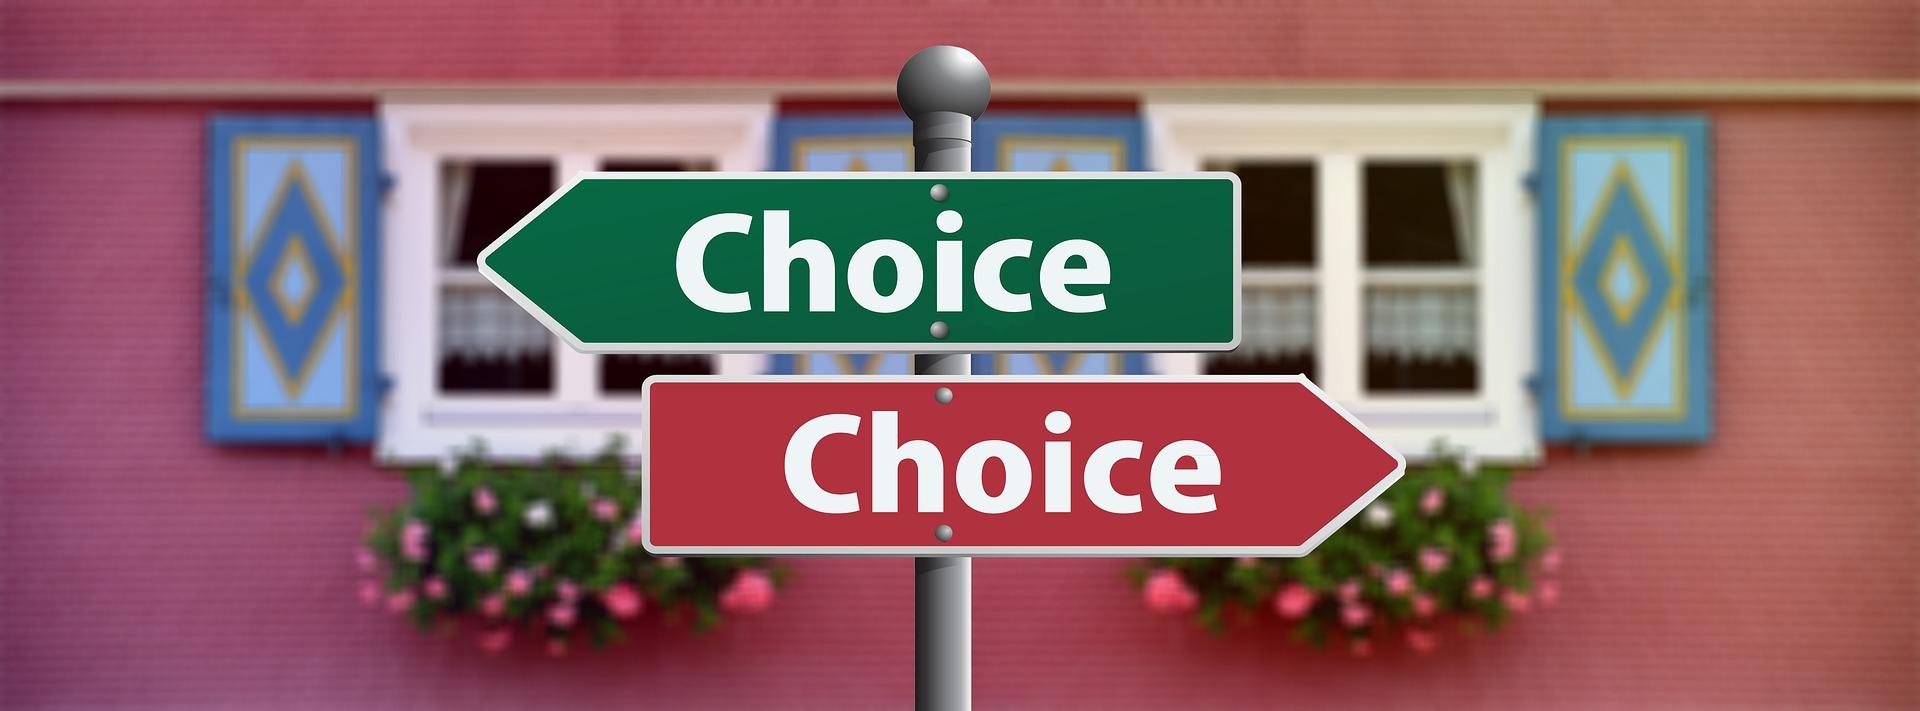 quickpoll choice